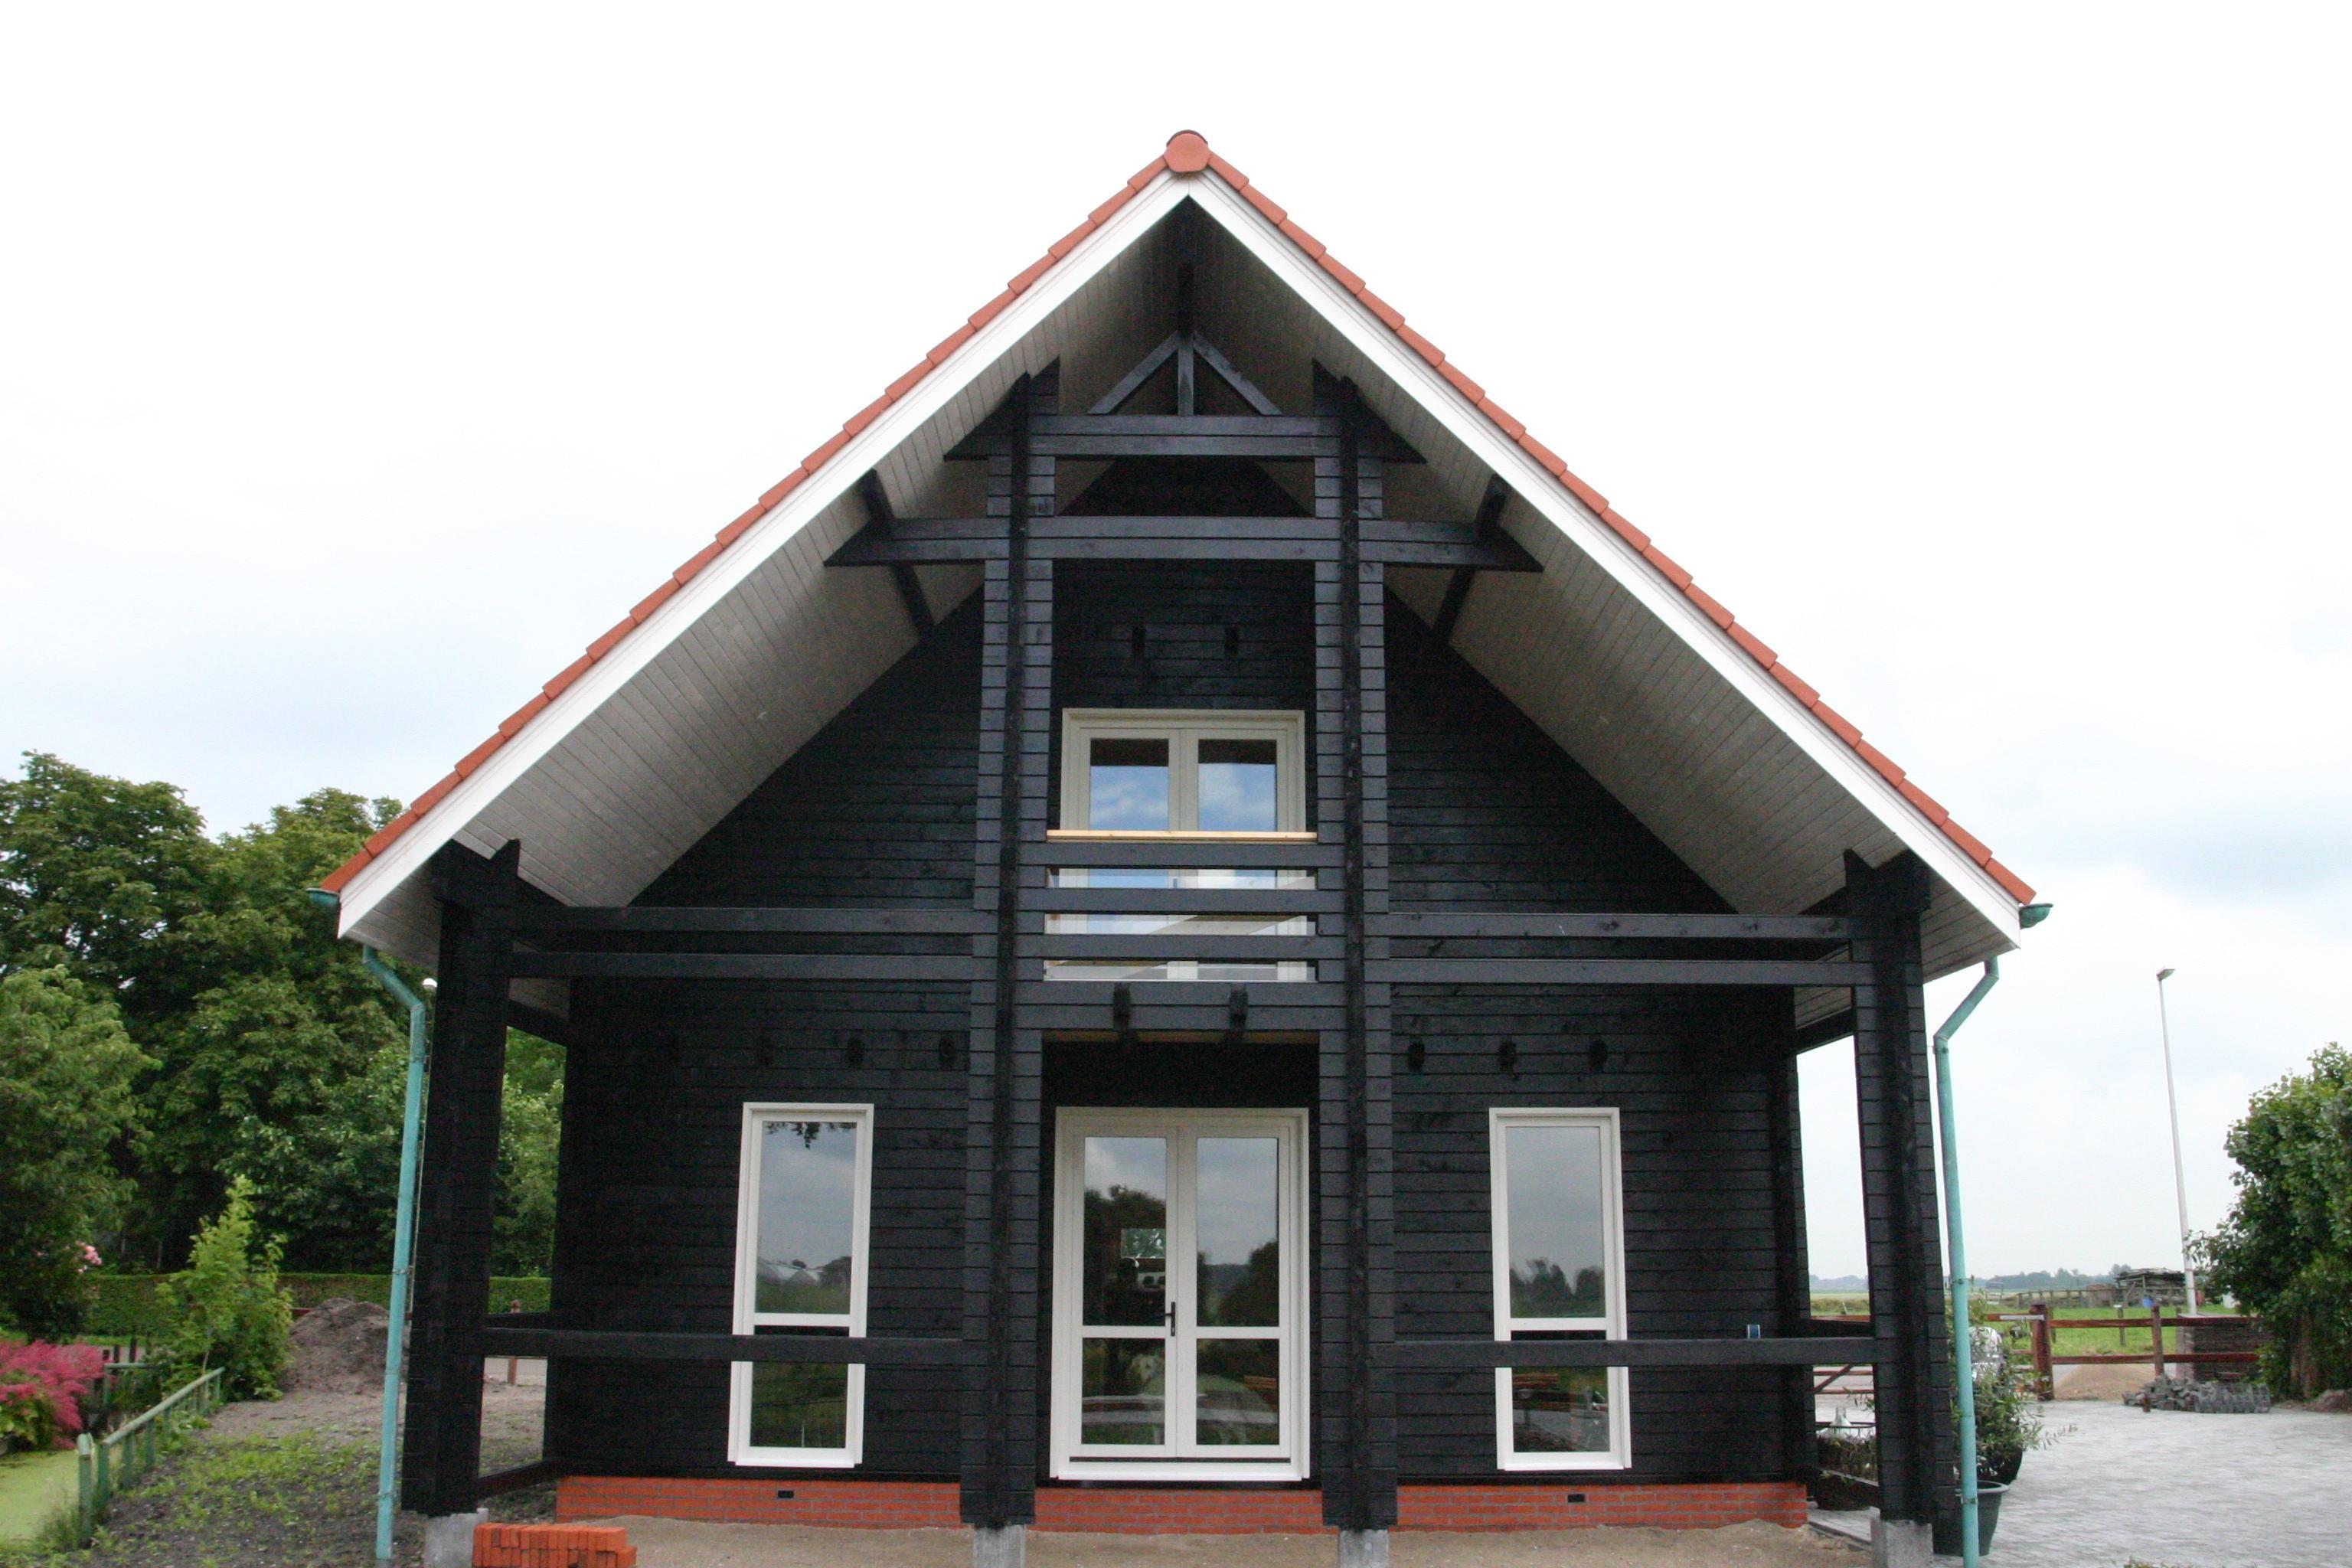 Houtbouw op maat prefab houten schuren huizen garages for Huis bouwen prefab